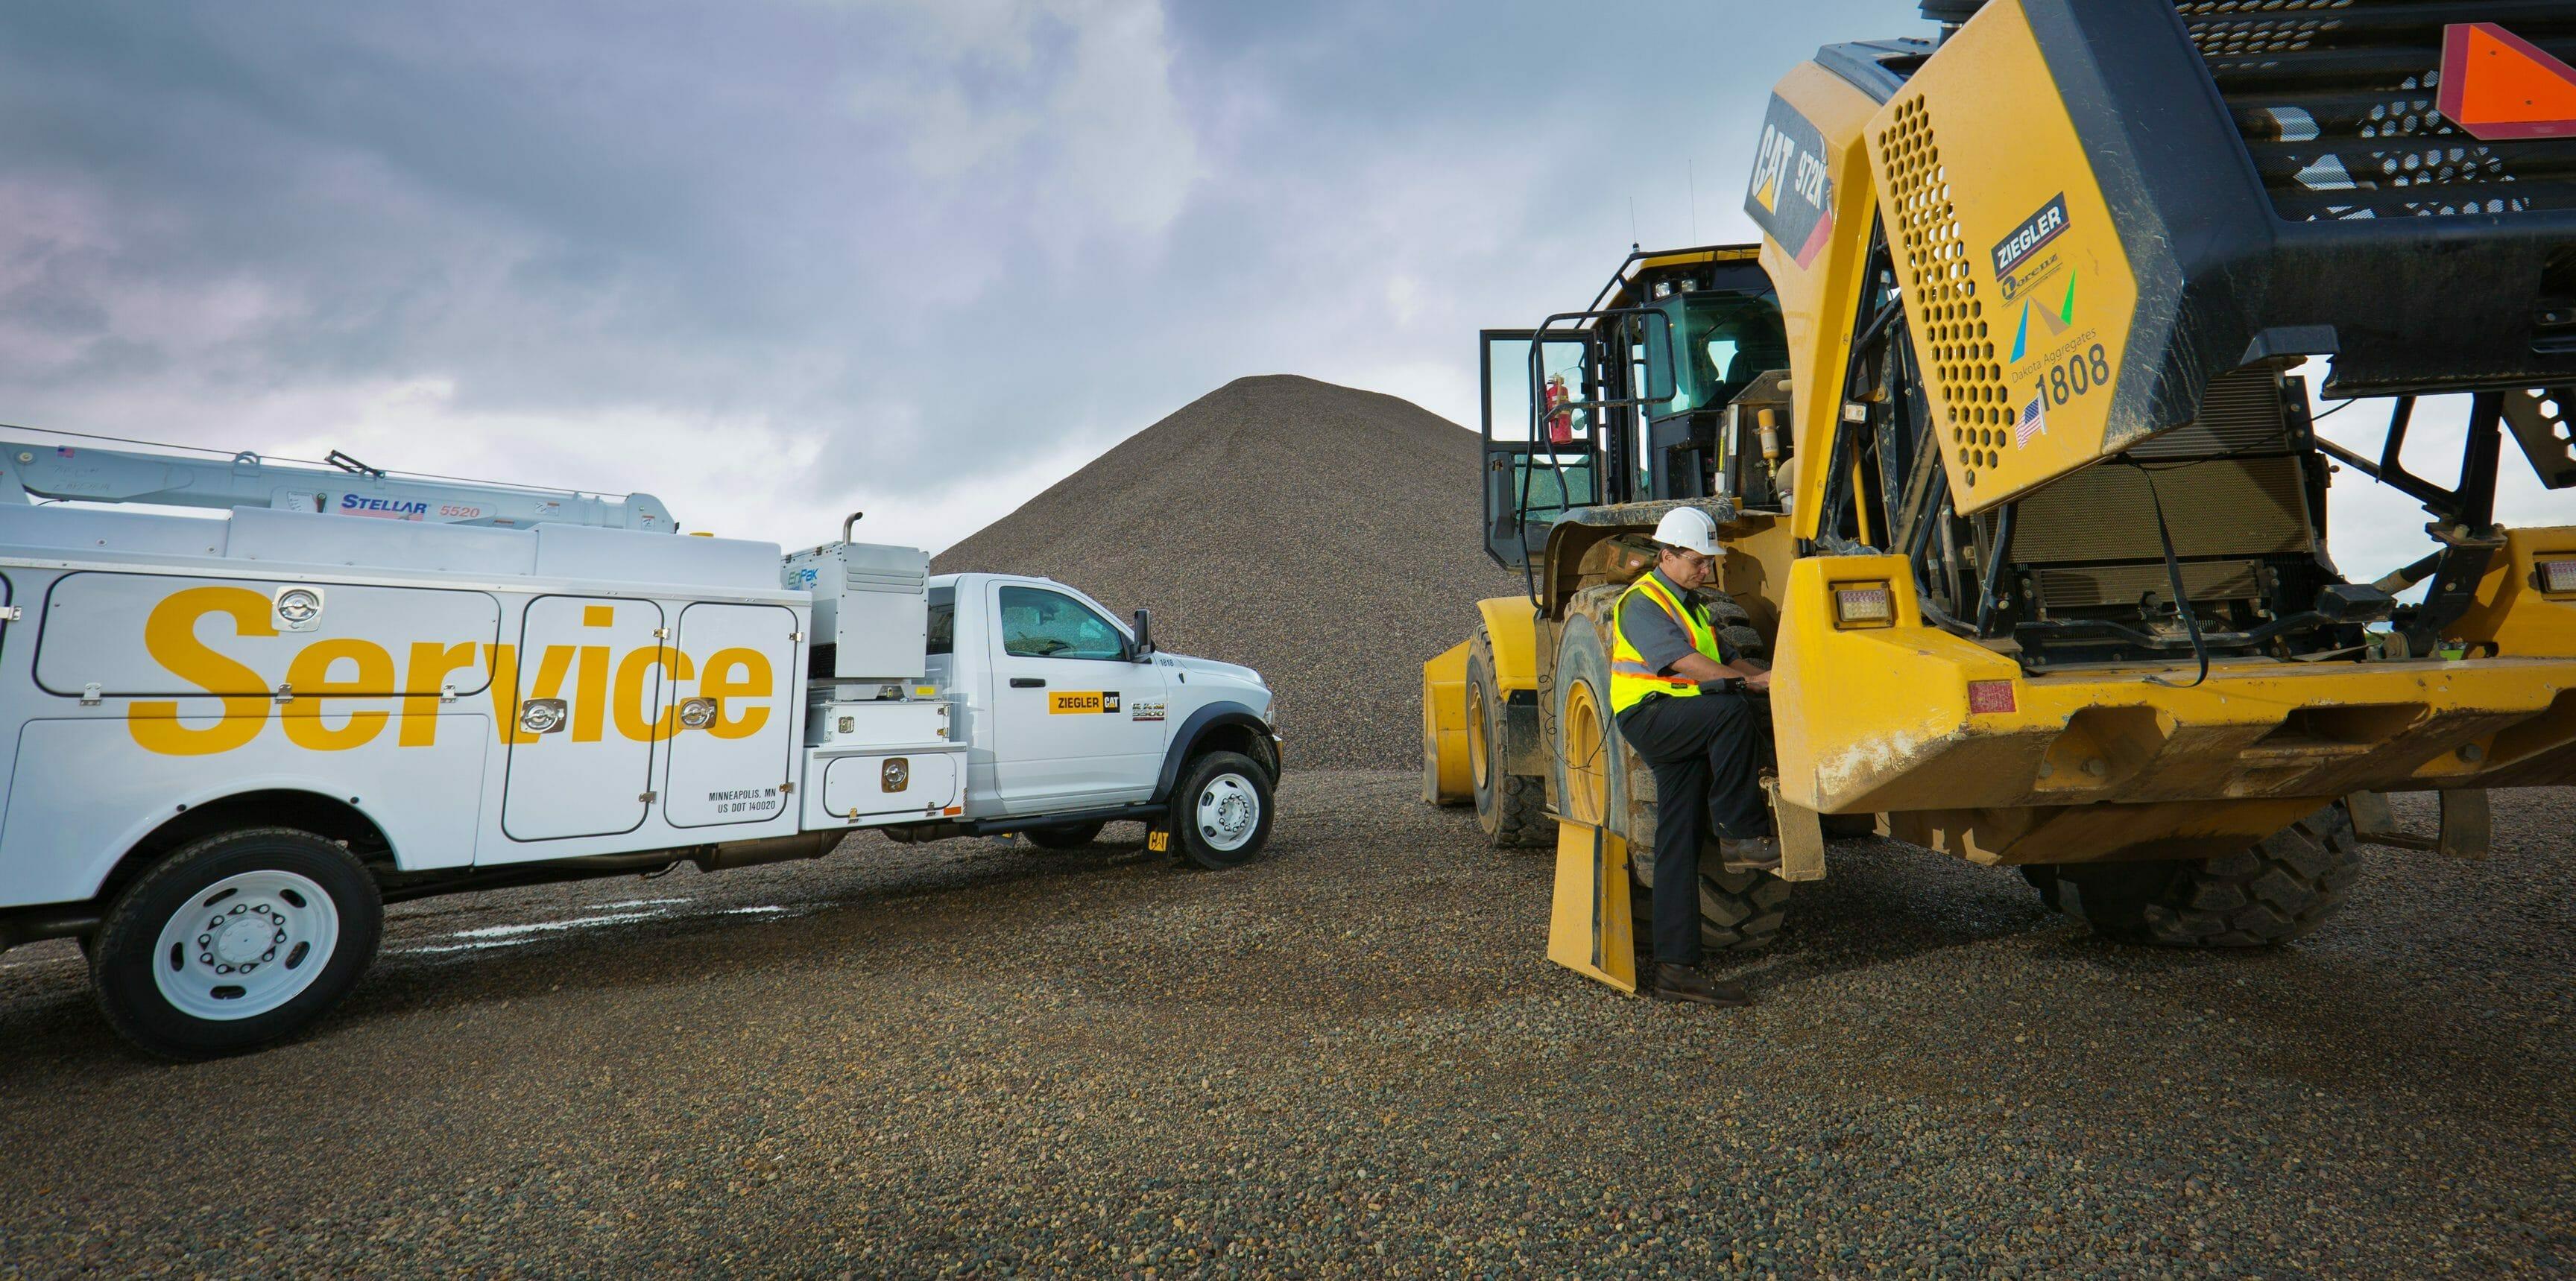 Heavy Equipment Service from Ziegler | Ziegler CAT